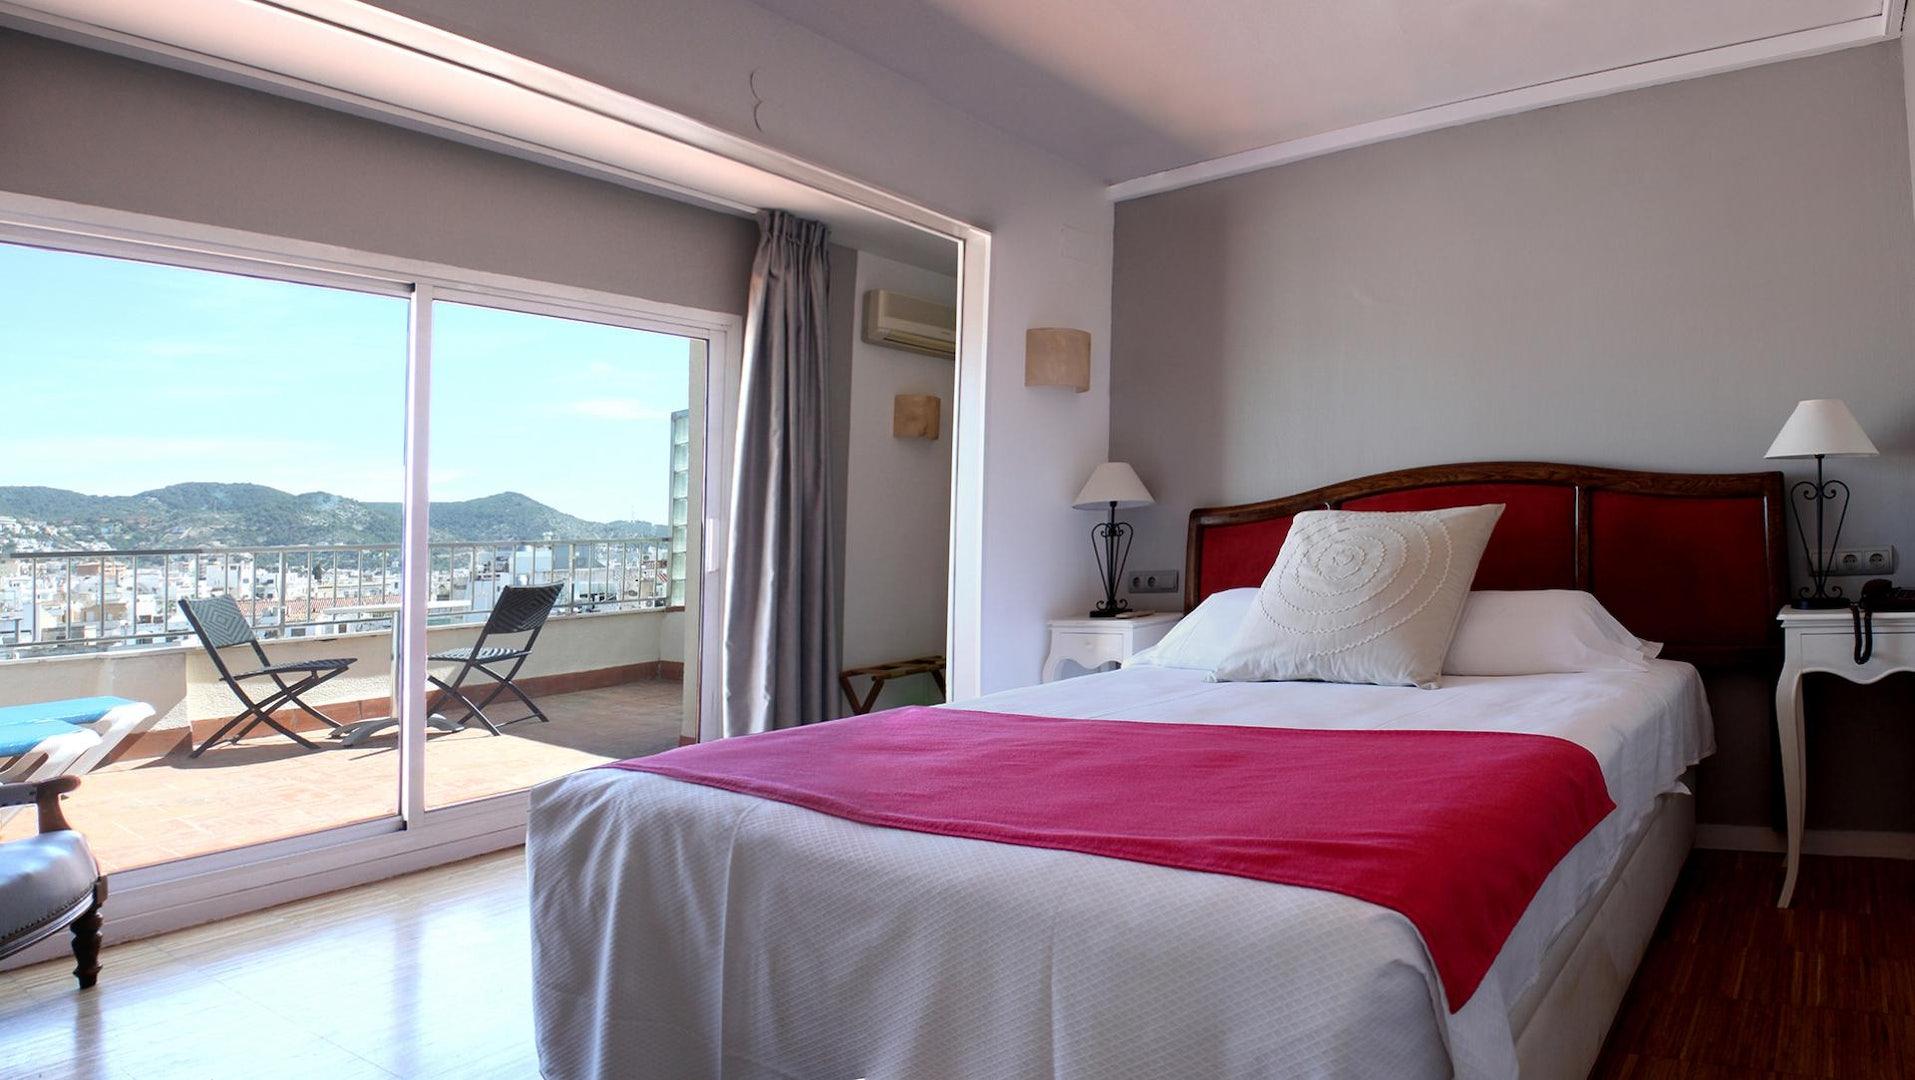 Hotel Subur room view